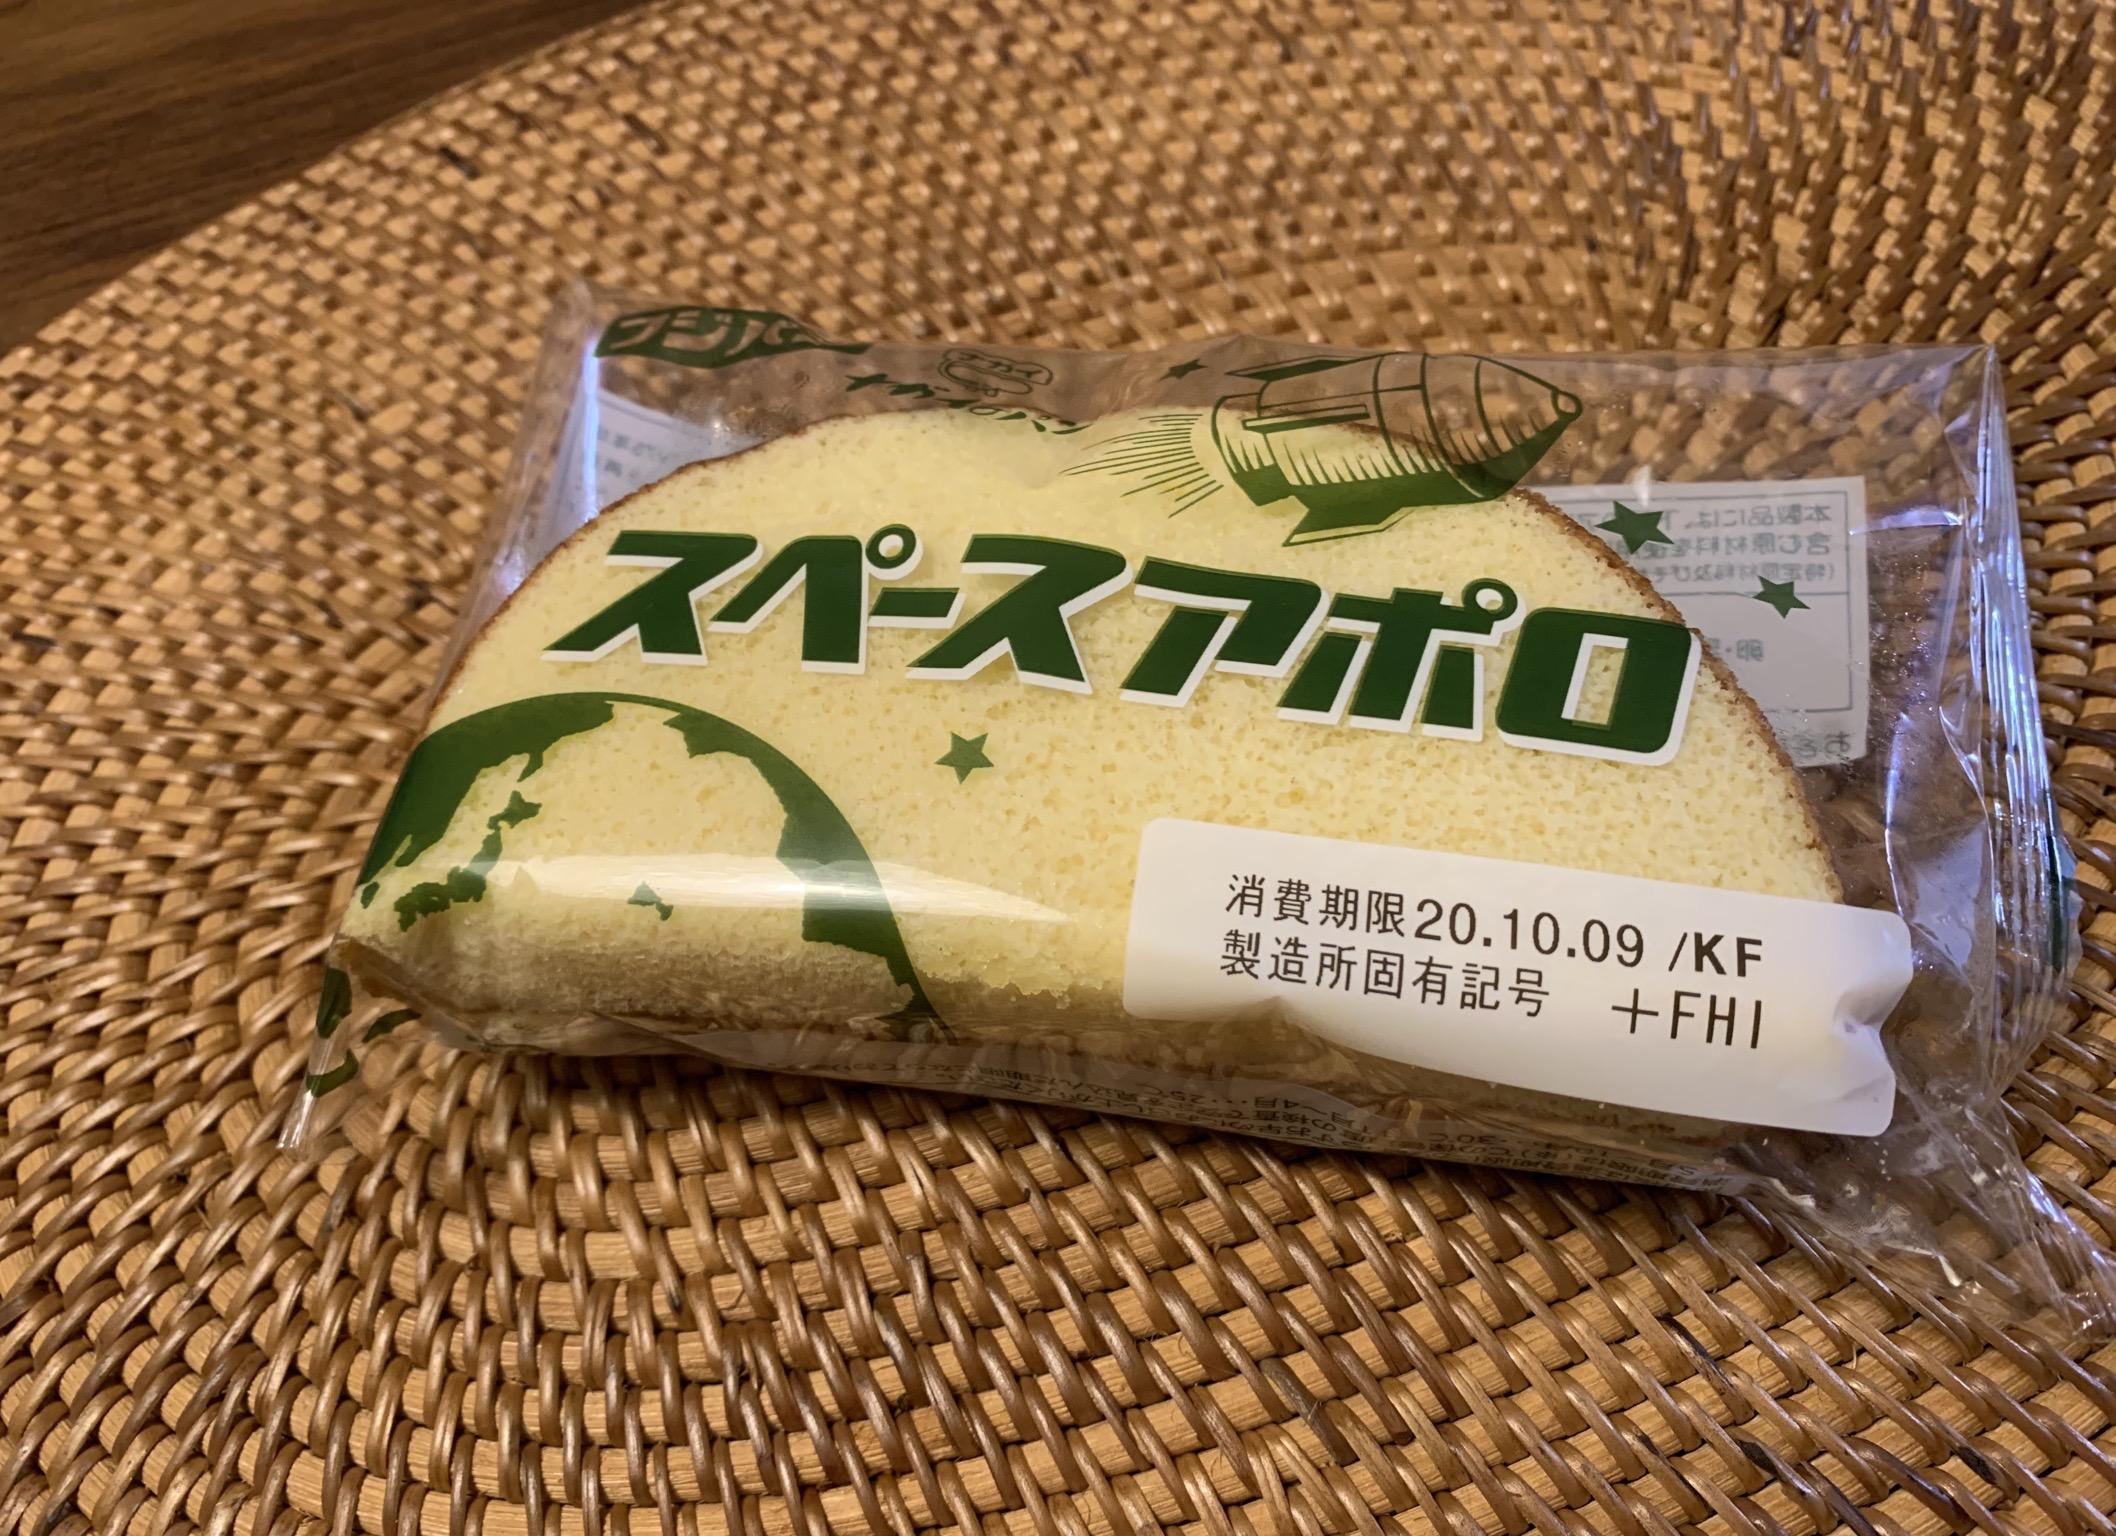 【期間限定で復刻!】マツコ&有吉のかりそめ天国で紹介された幻のパン_1